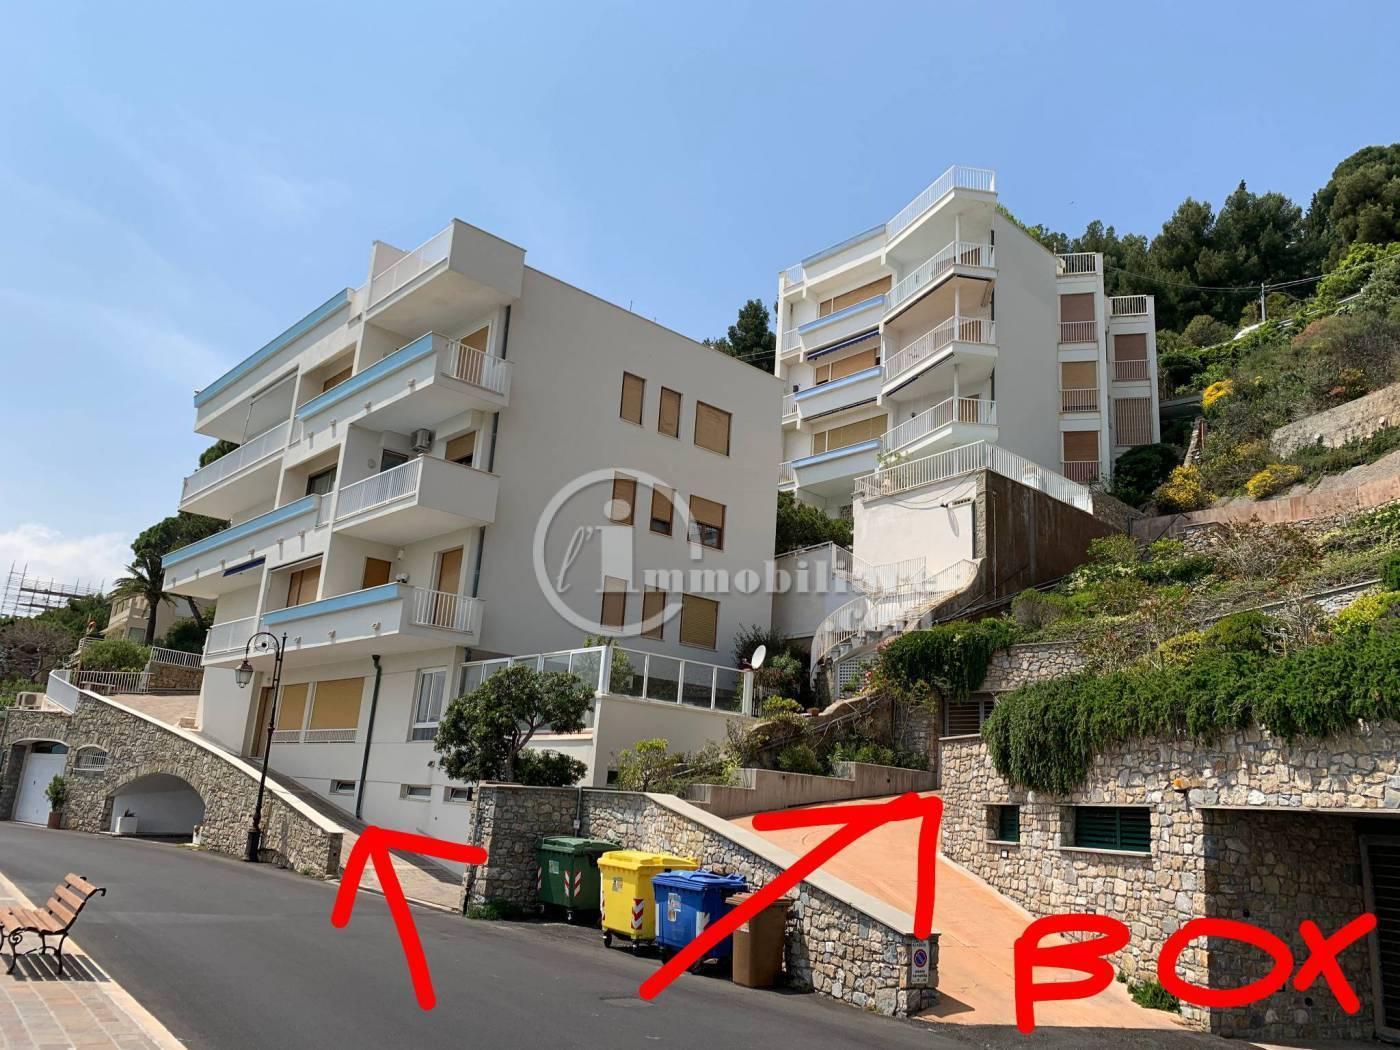 Appartamento in Vendita a Alassio: 5 locali, 270 mq - Foto 17